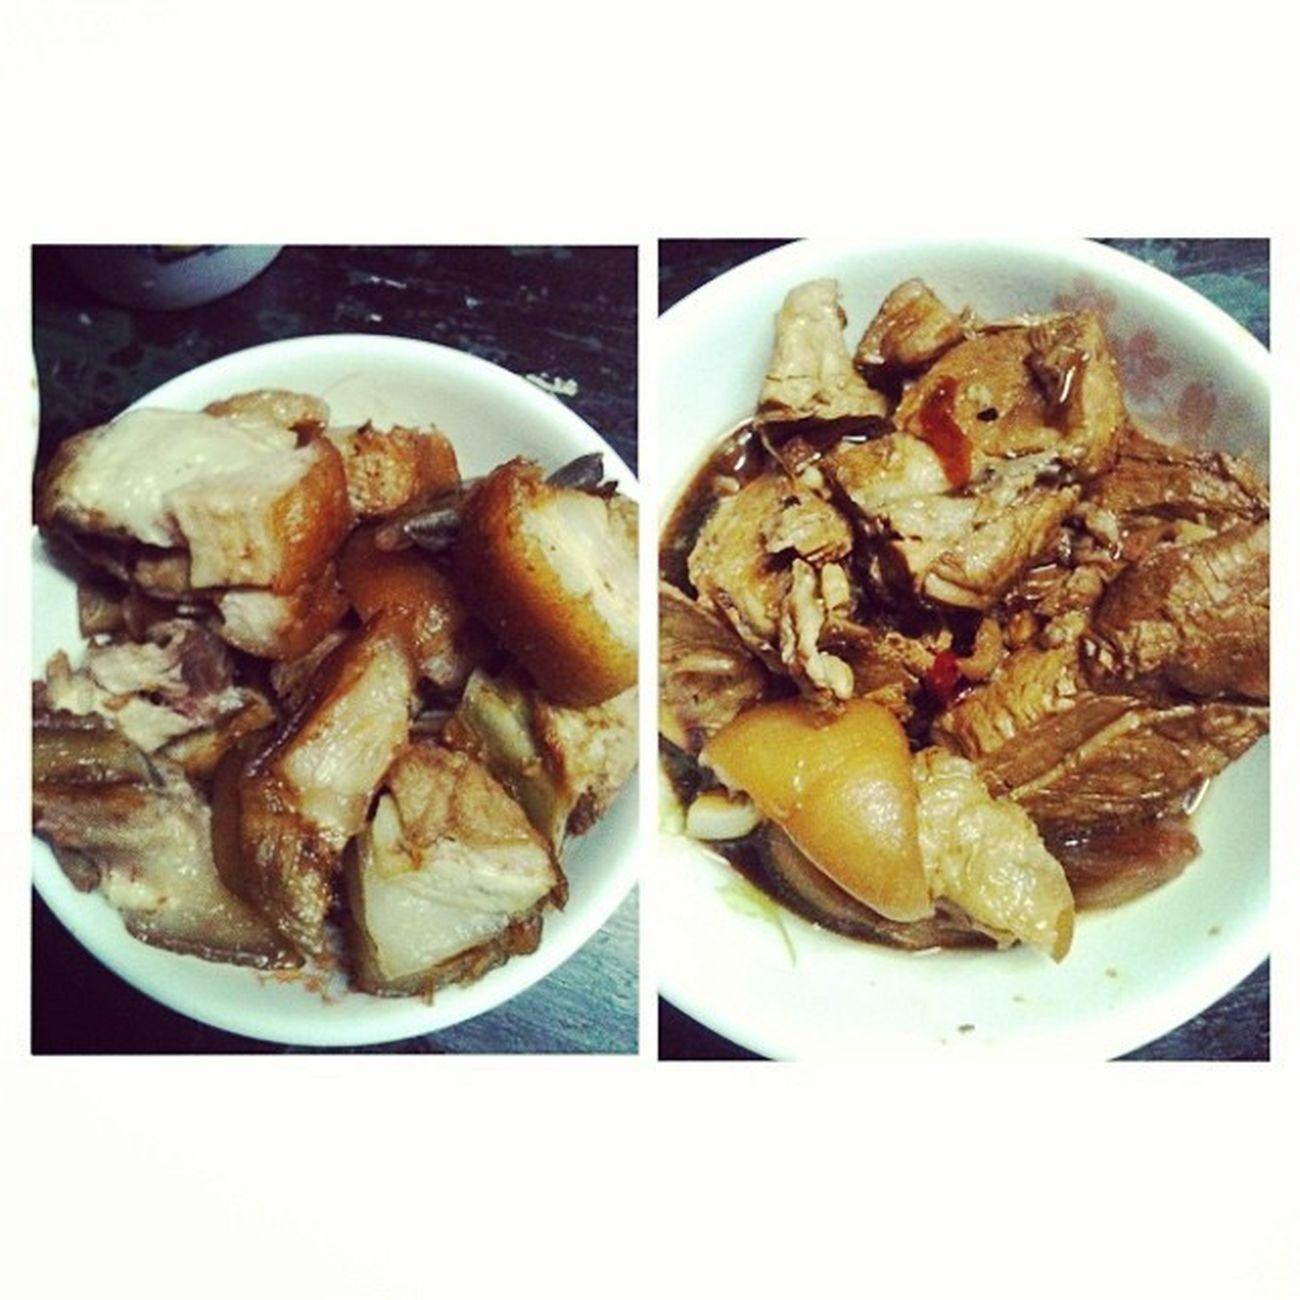 Isang linggong puro pork... -_- hinahighblood na... Nagmumukhang baboy na din ako... -_- UtaNa LOL Filipinofood Philippines foodstagram instafood foodgasm foodporn